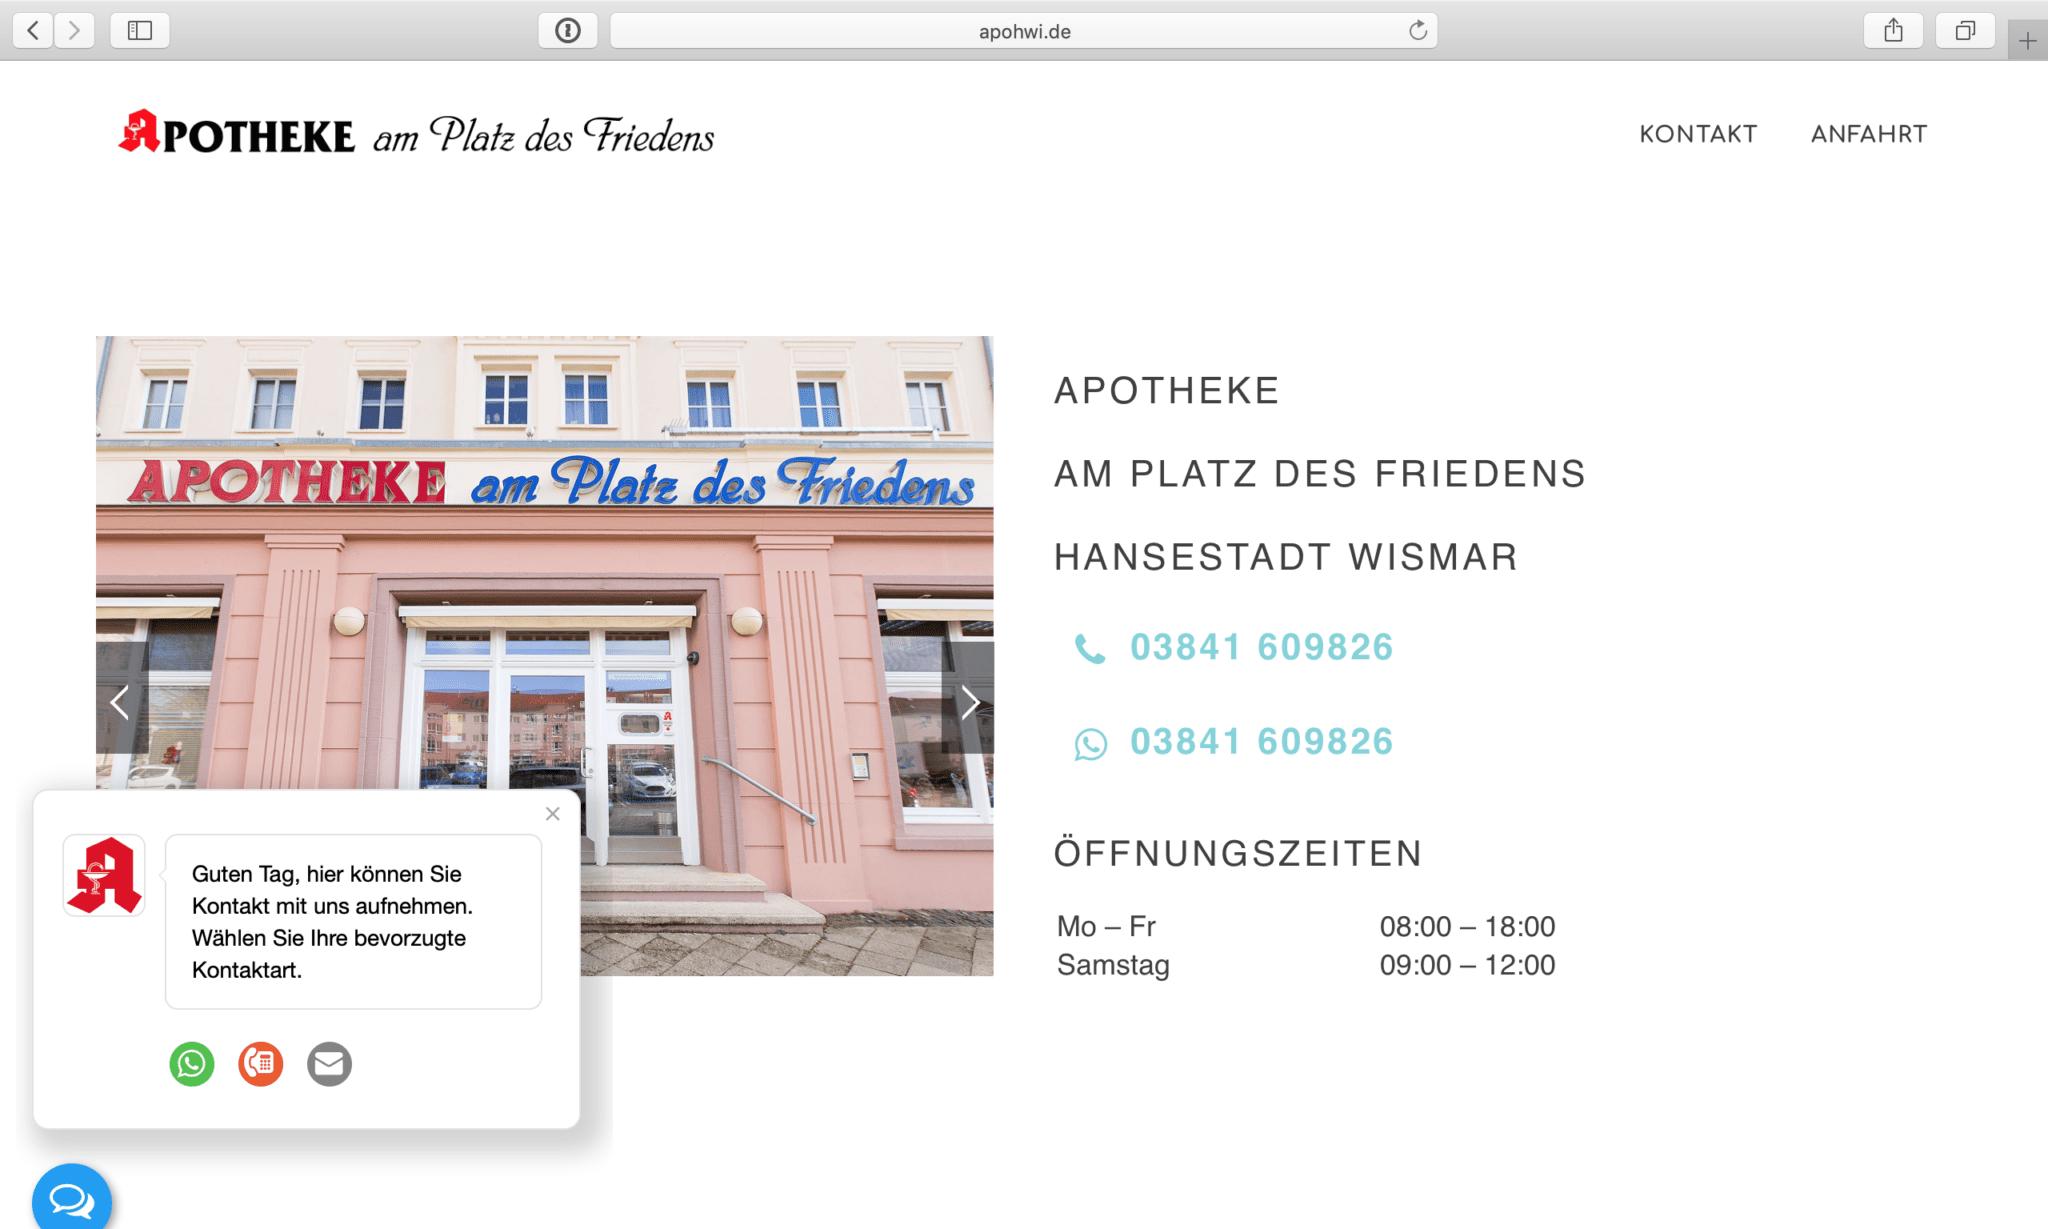 www.apohwi.de